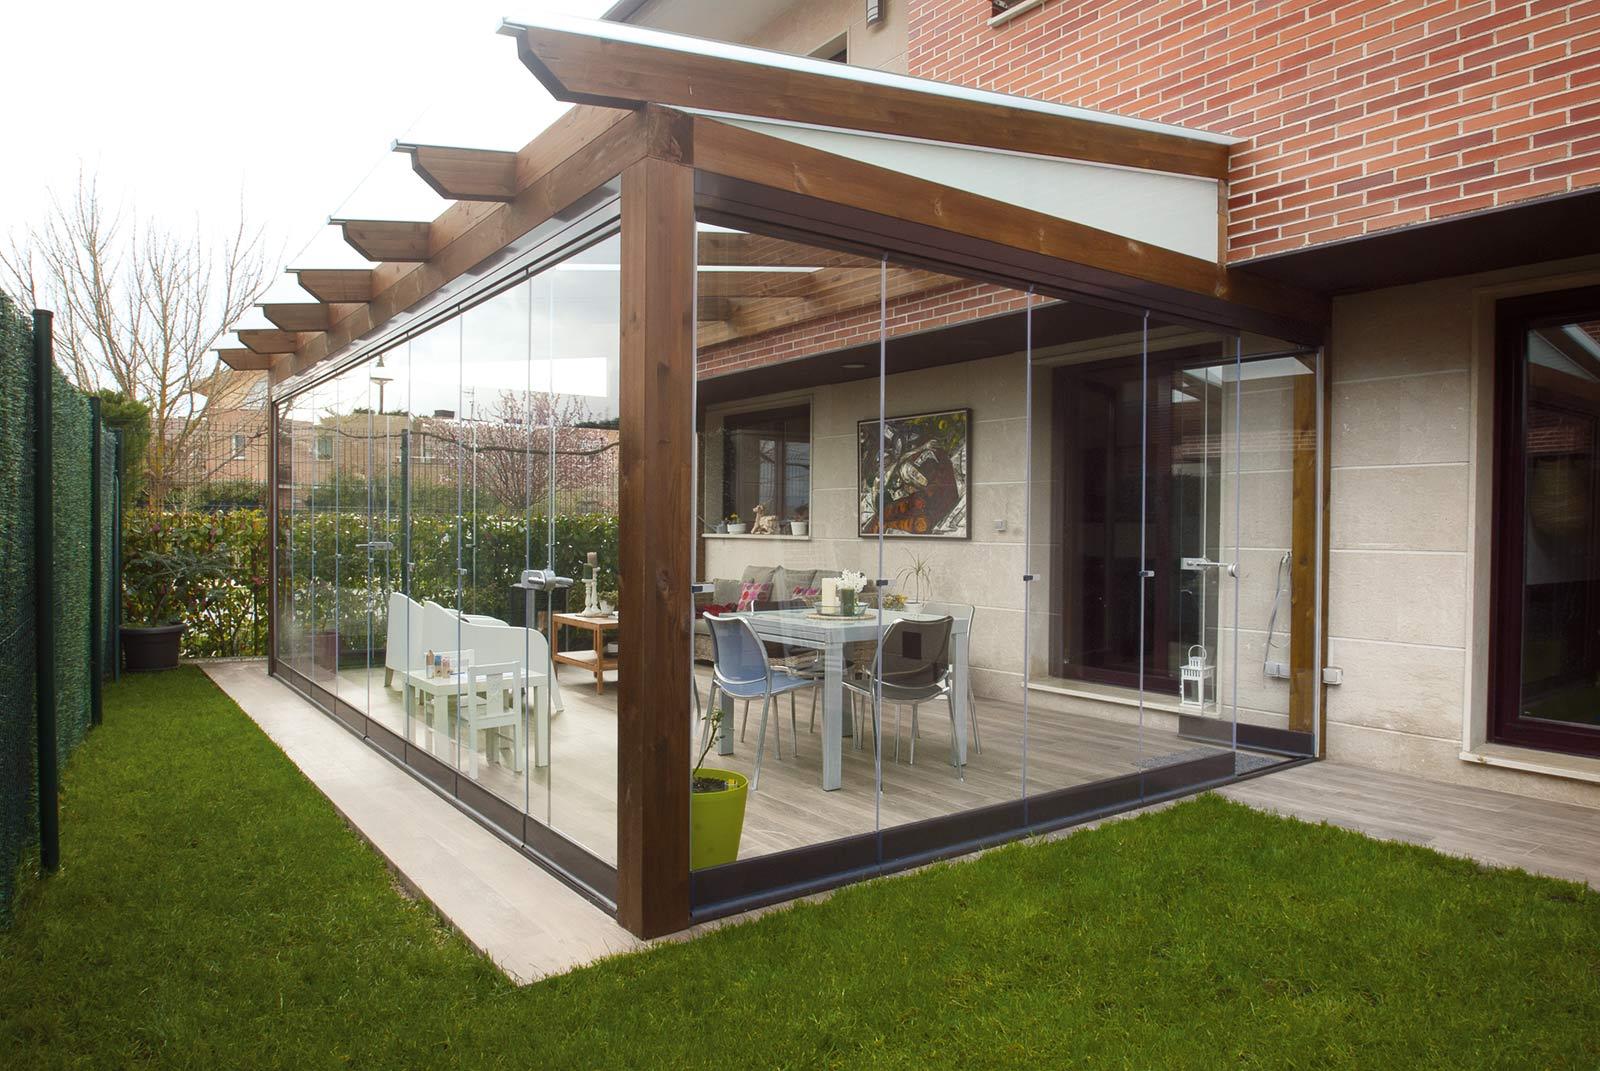 porche-jardin-madera-cristal-lumon-cerrado-abierto-7